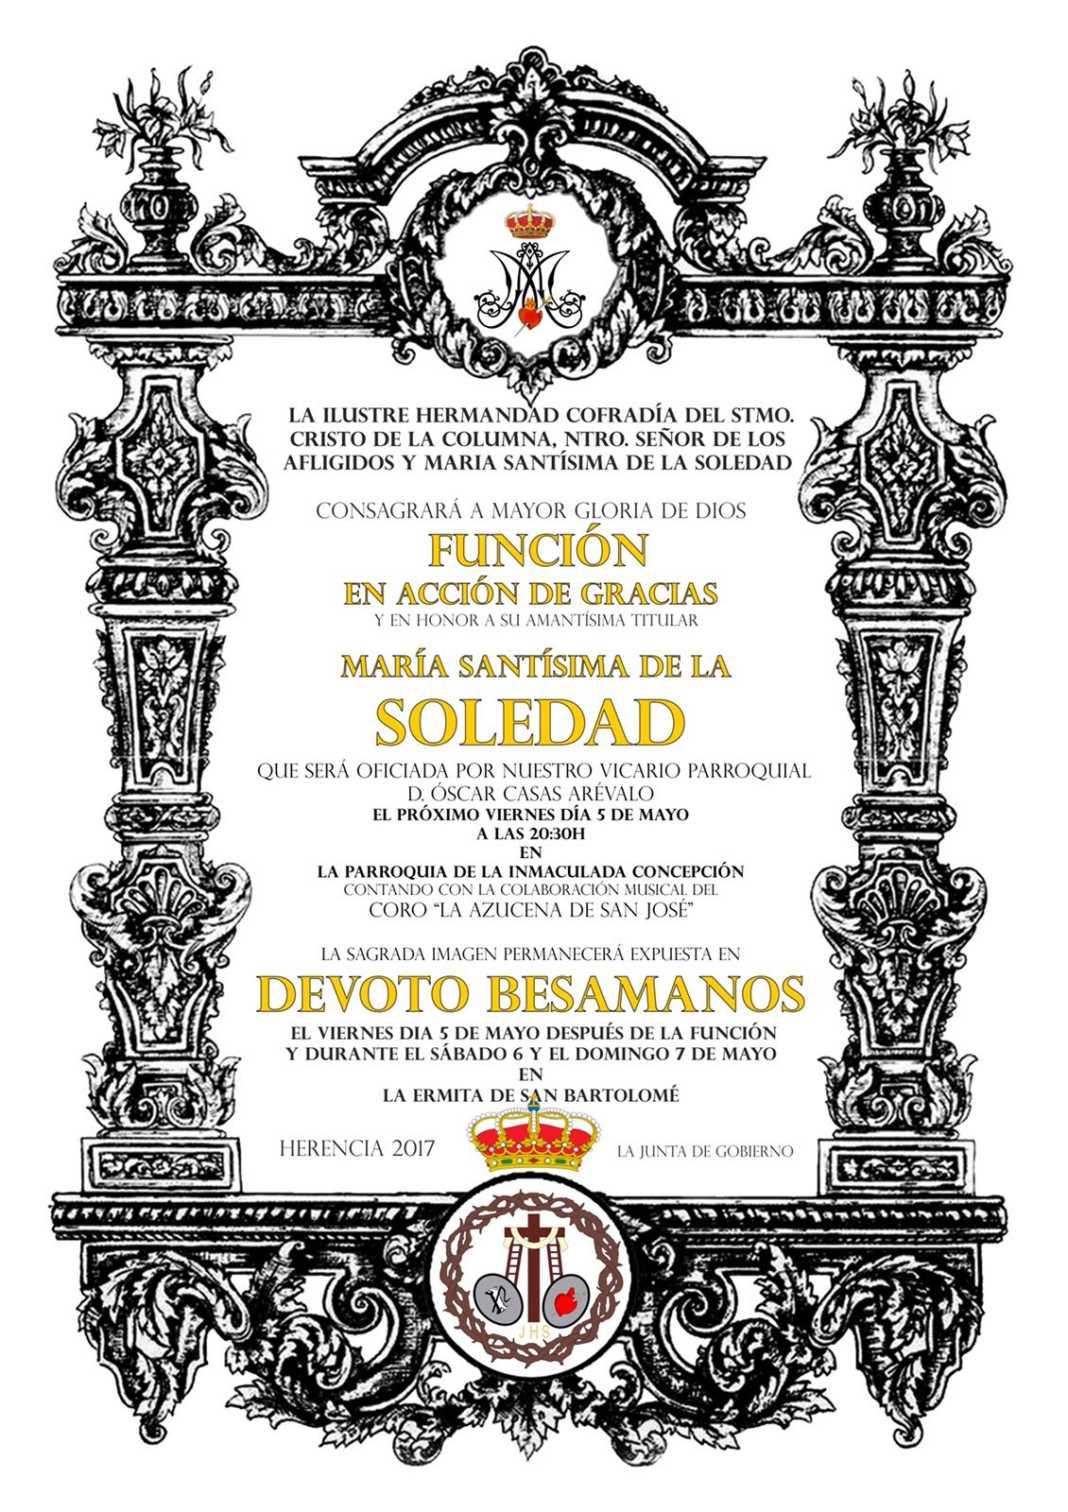 Devoto Besamanos 1068x1512 - Función de Acción de Gracias y besamanos, en honor a  María Santísima de la Soledad